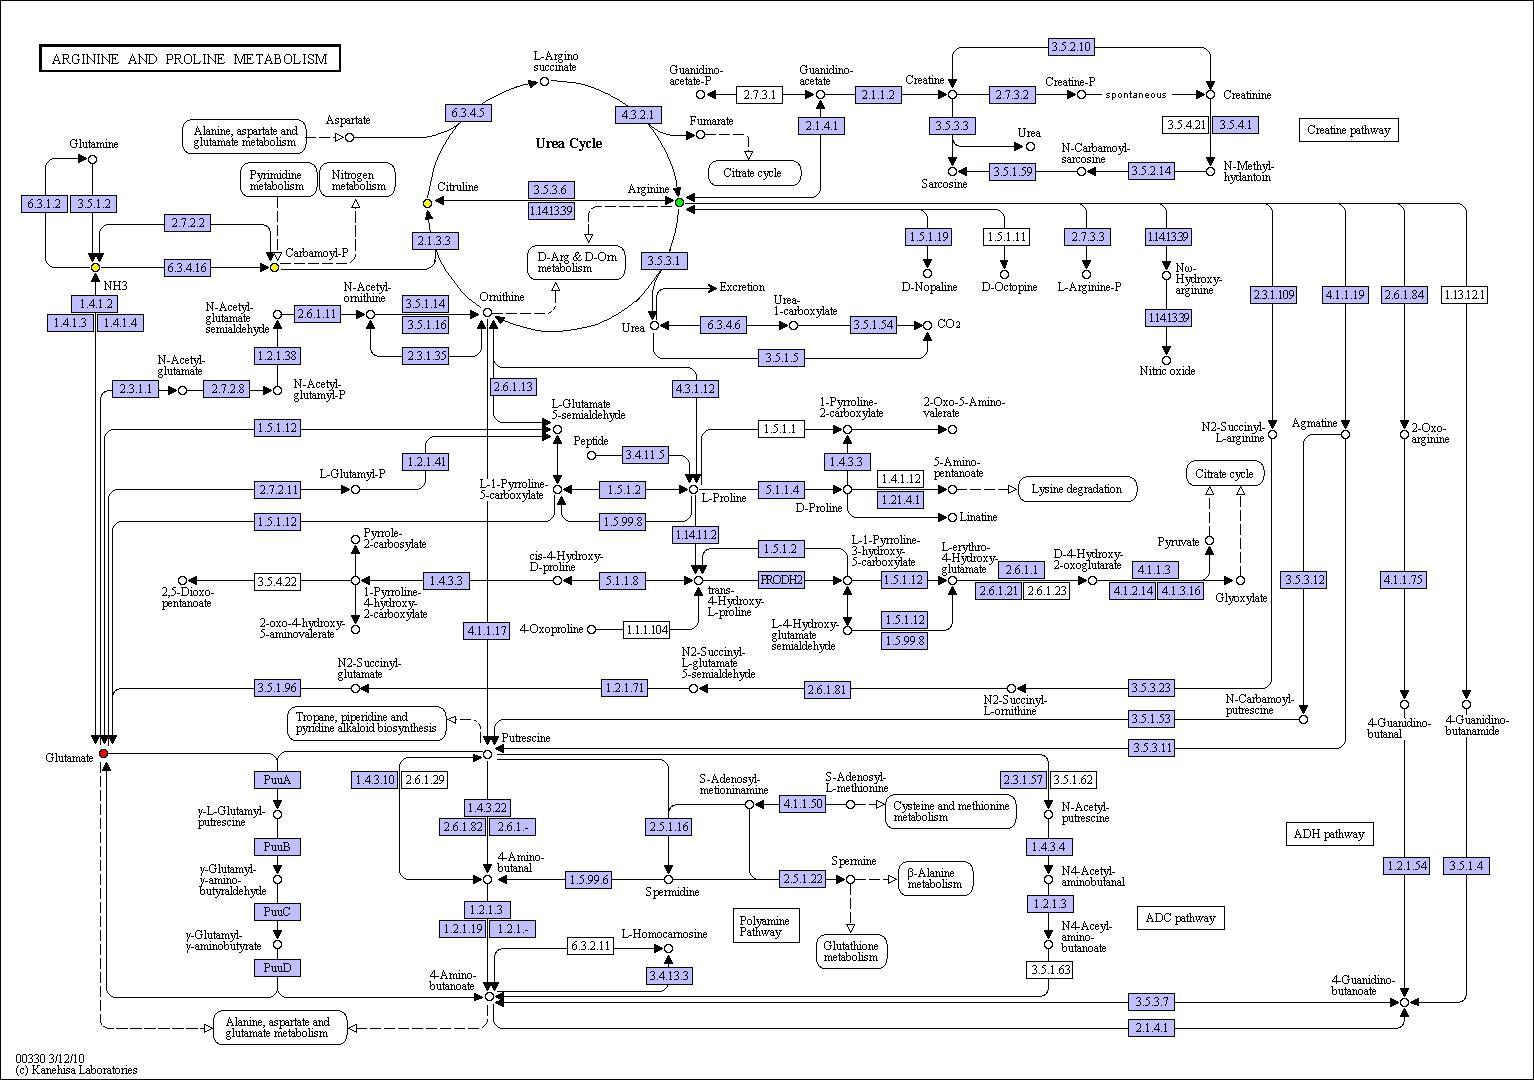 документацию картинки метаболические пути д николсона экспозиции